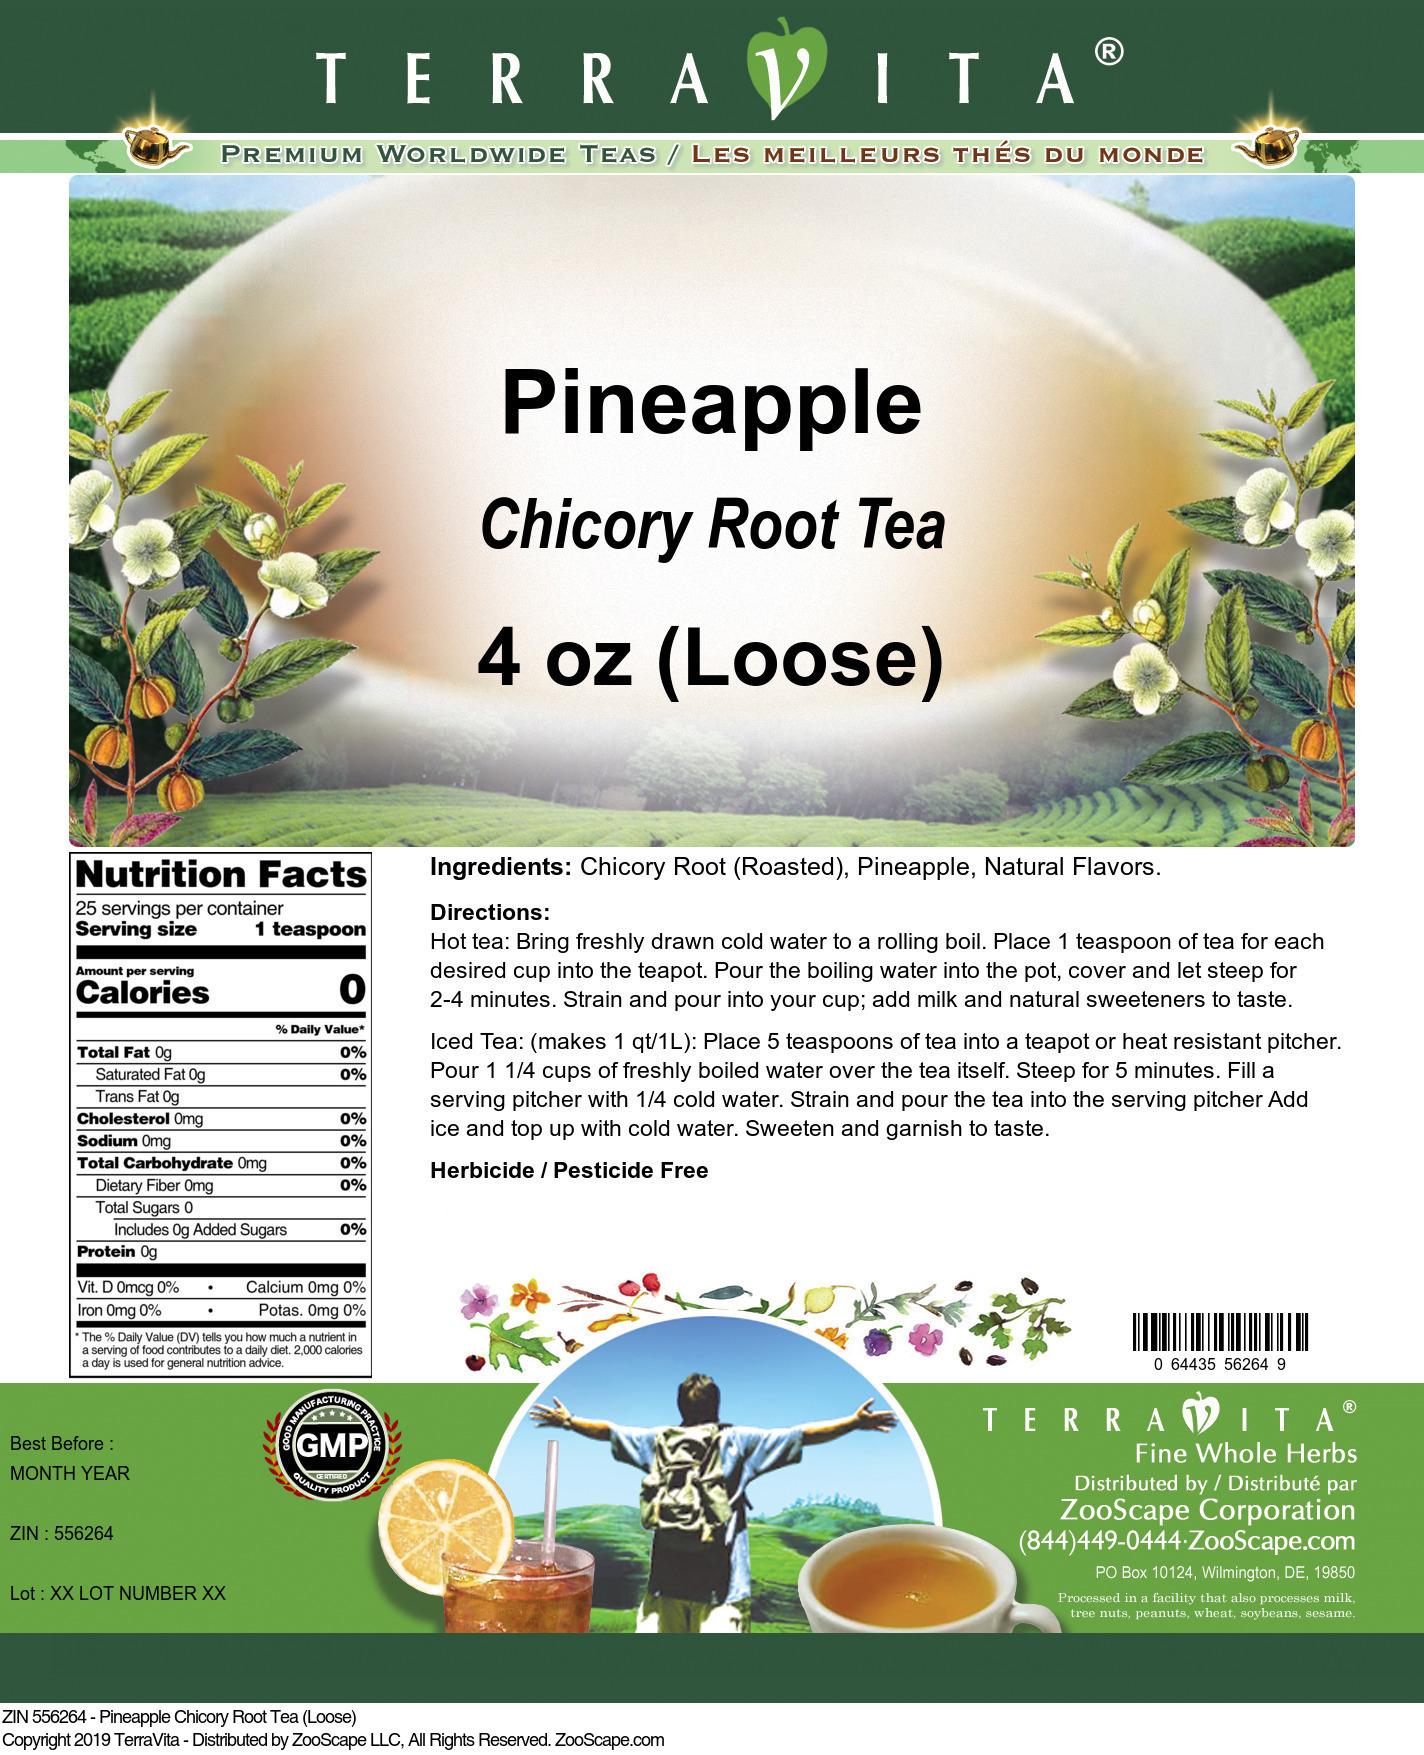 Pineapple Chicory Root